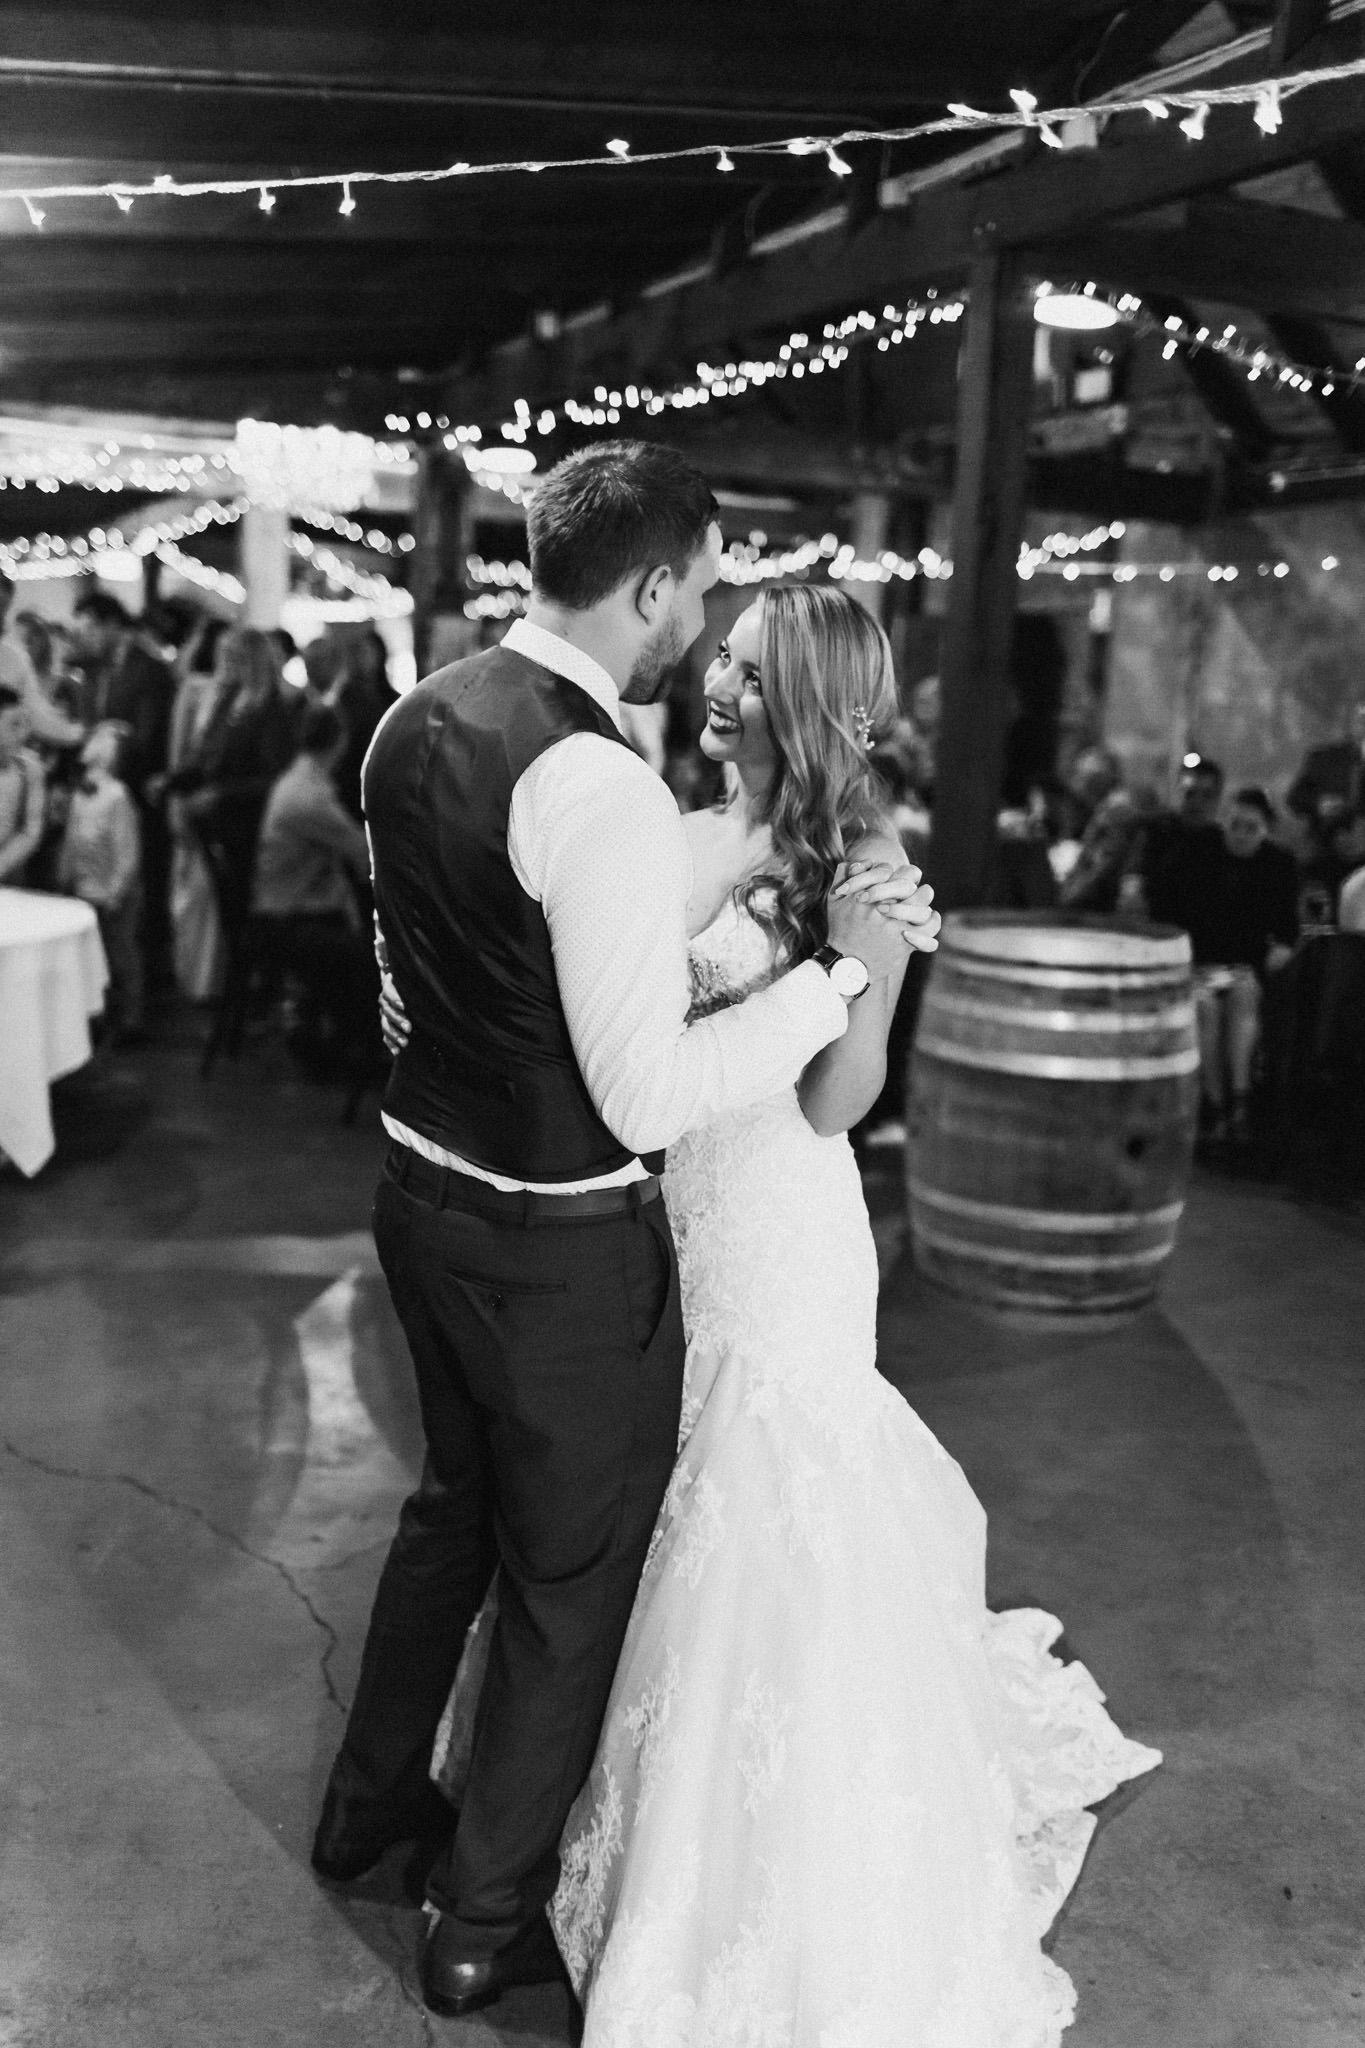 WeddingPhotos_Facebook_2048pixels-1149.jpg